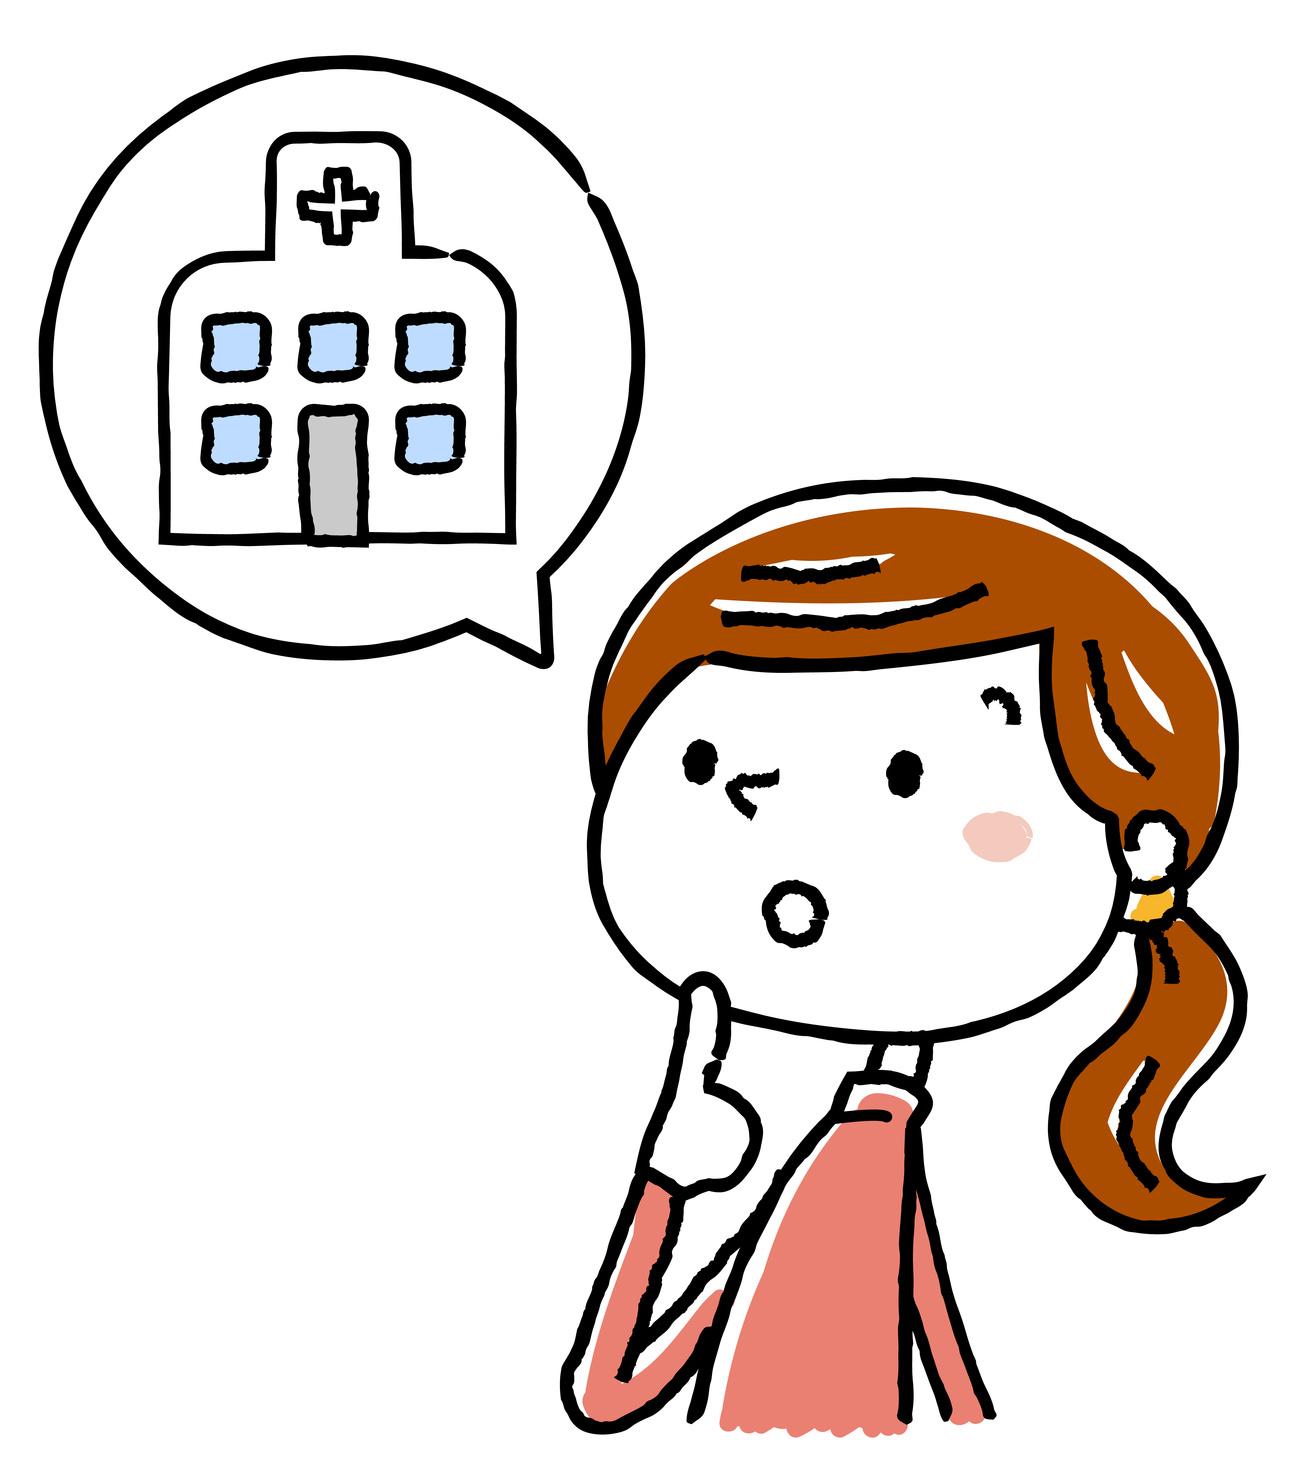 子宮摘出術は、名医が執刀すると治療費が少なくなり、治療費のばらつきも小さくなる!【米国論文】